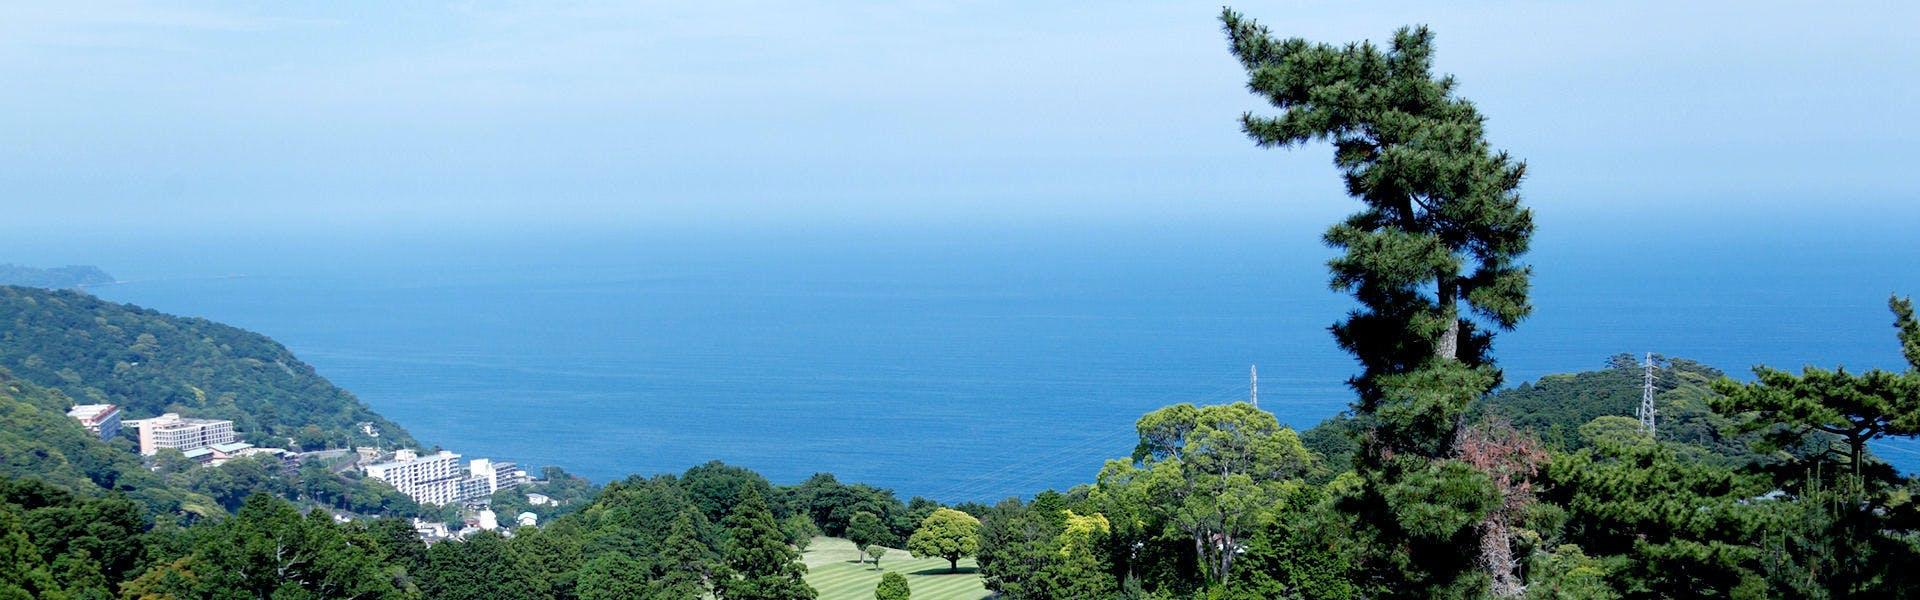 記念日におすすめのホテル・熱海倶楽部迎賓館の写真2